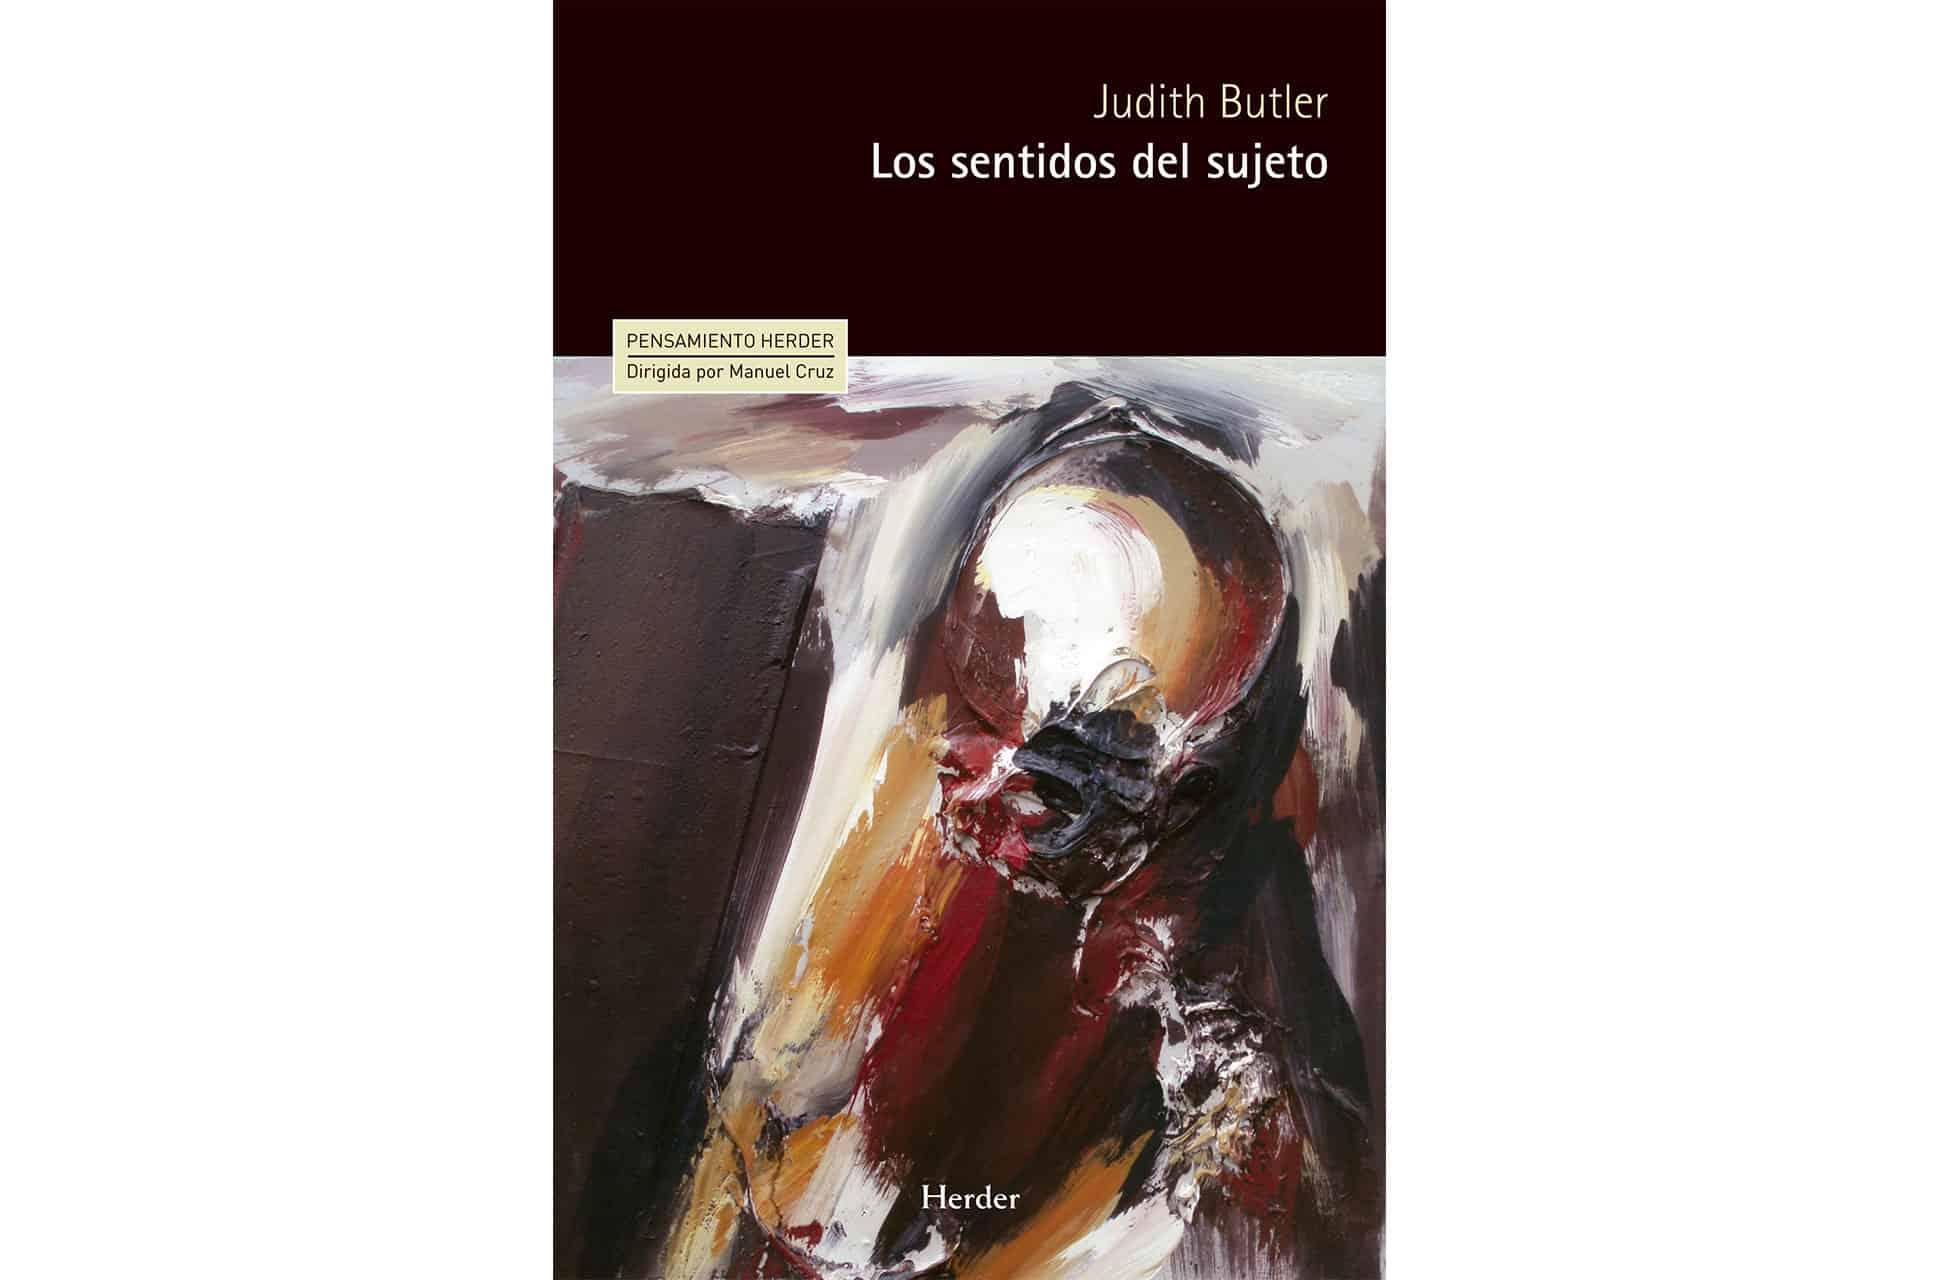 Ocho grandes libros de la literatura LGBTQ el-sentido-del-sujeto-judith-butler